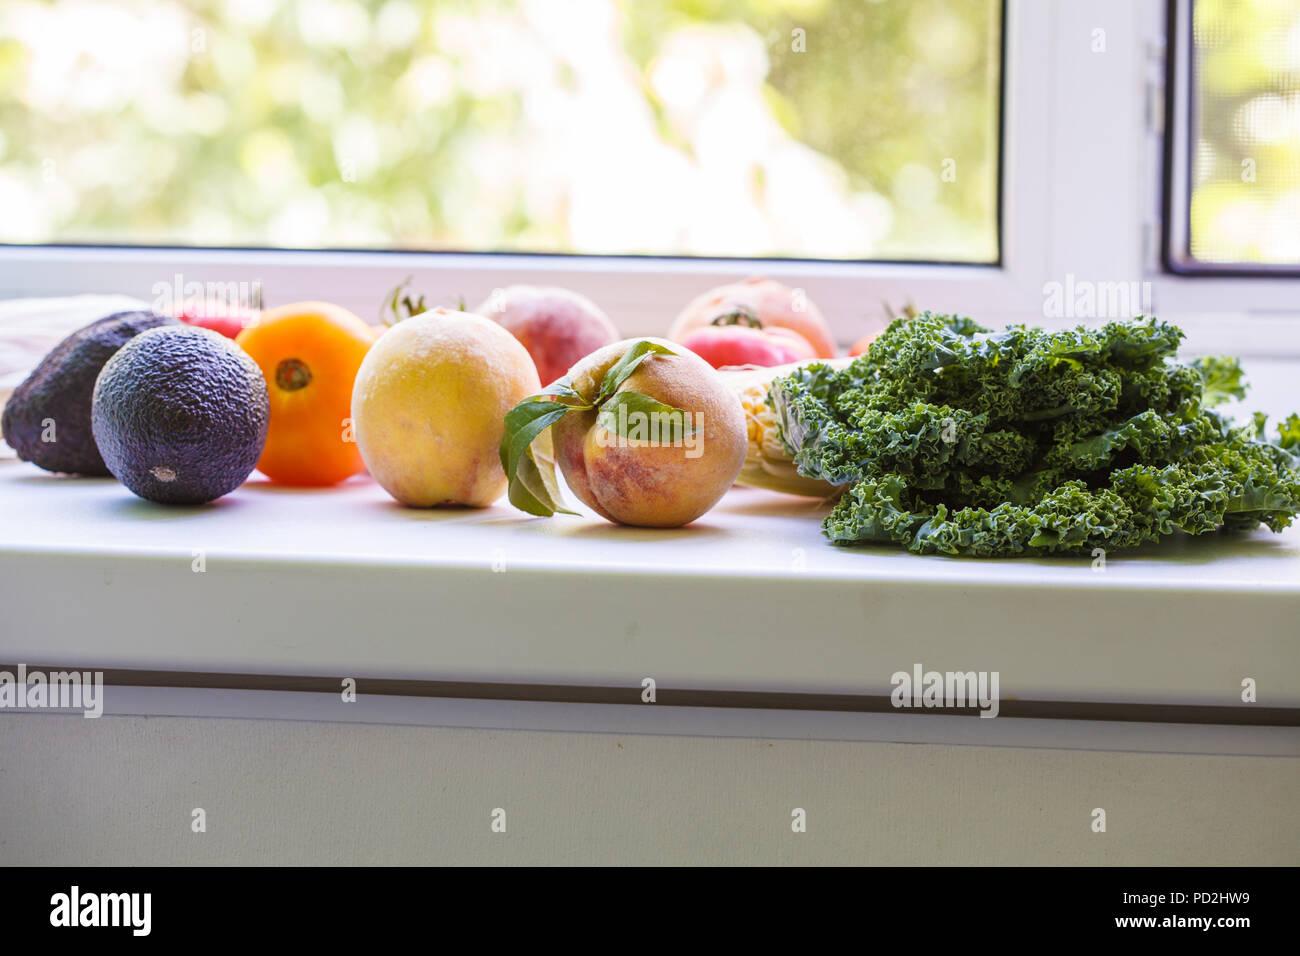 Frutas y verduras de temporada de verano en el alféizar de la ventana. Concepto de comer sanas y limpias. Imagen De Stock